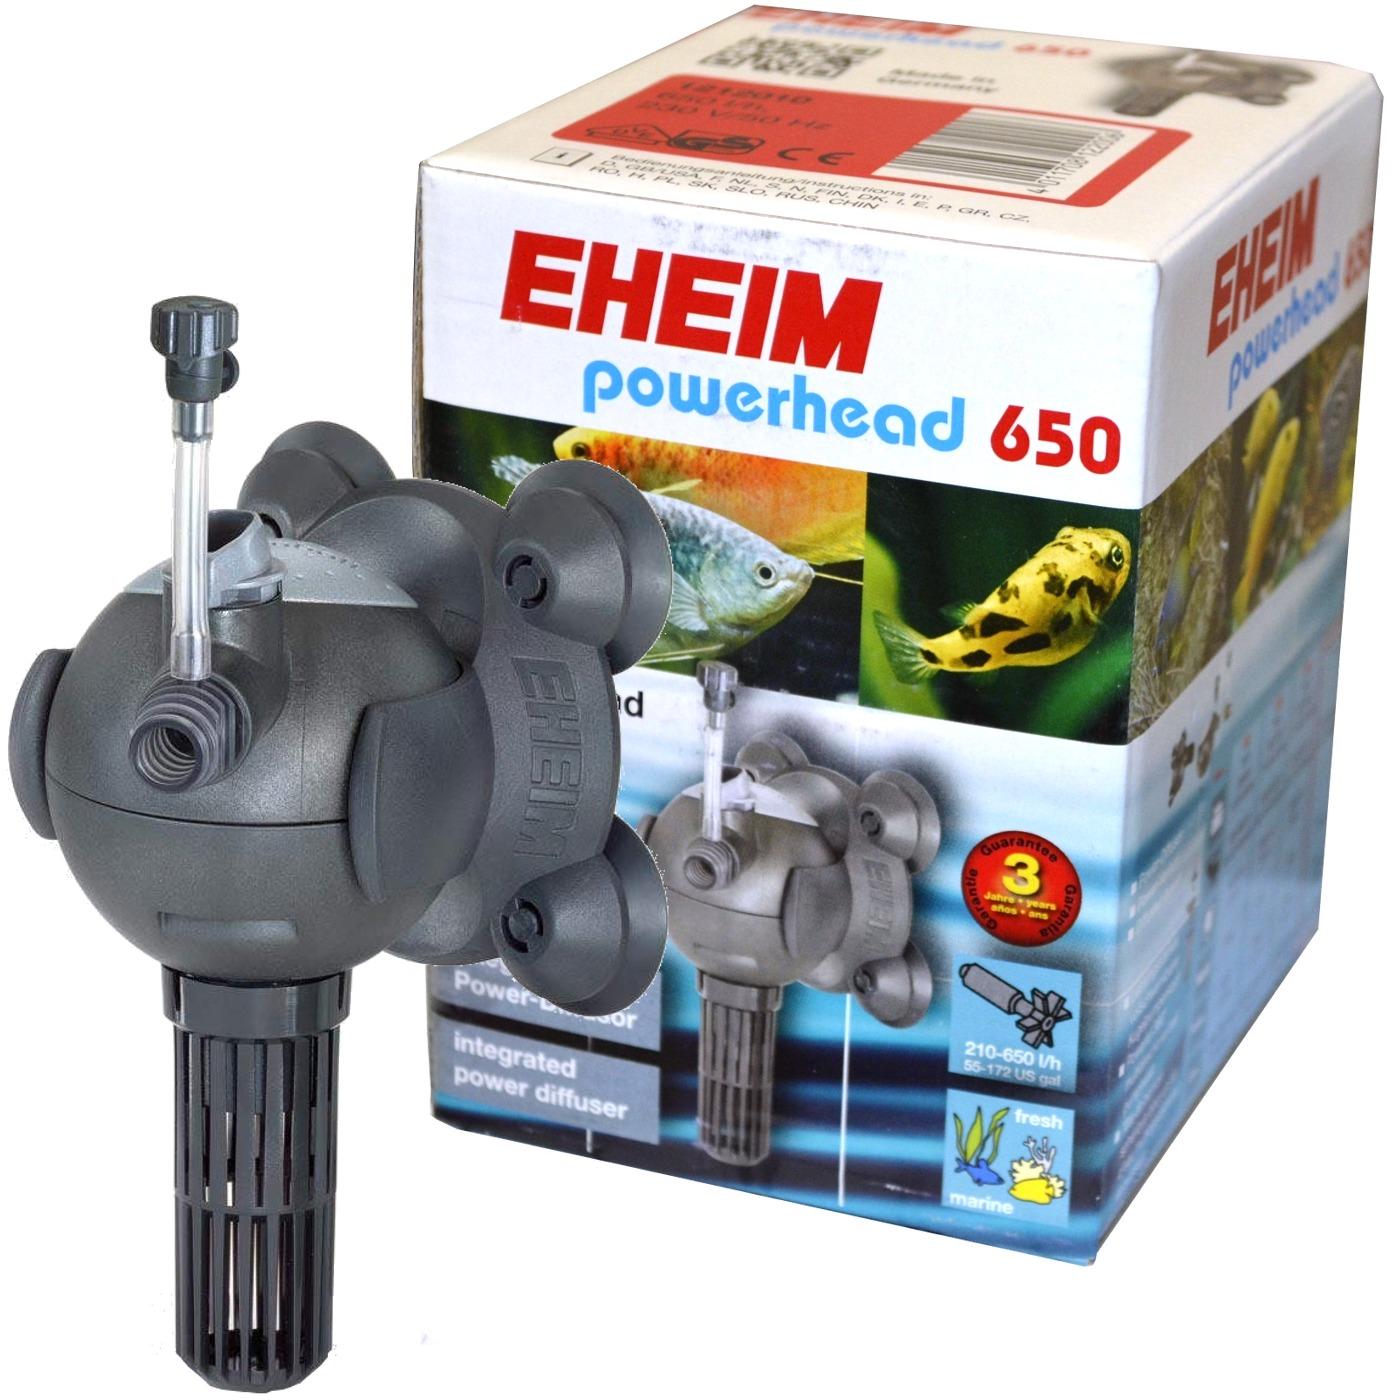 EHEIM Powerhead 650  pompe de brassage universelle à débit variable de 210 à 650l/h